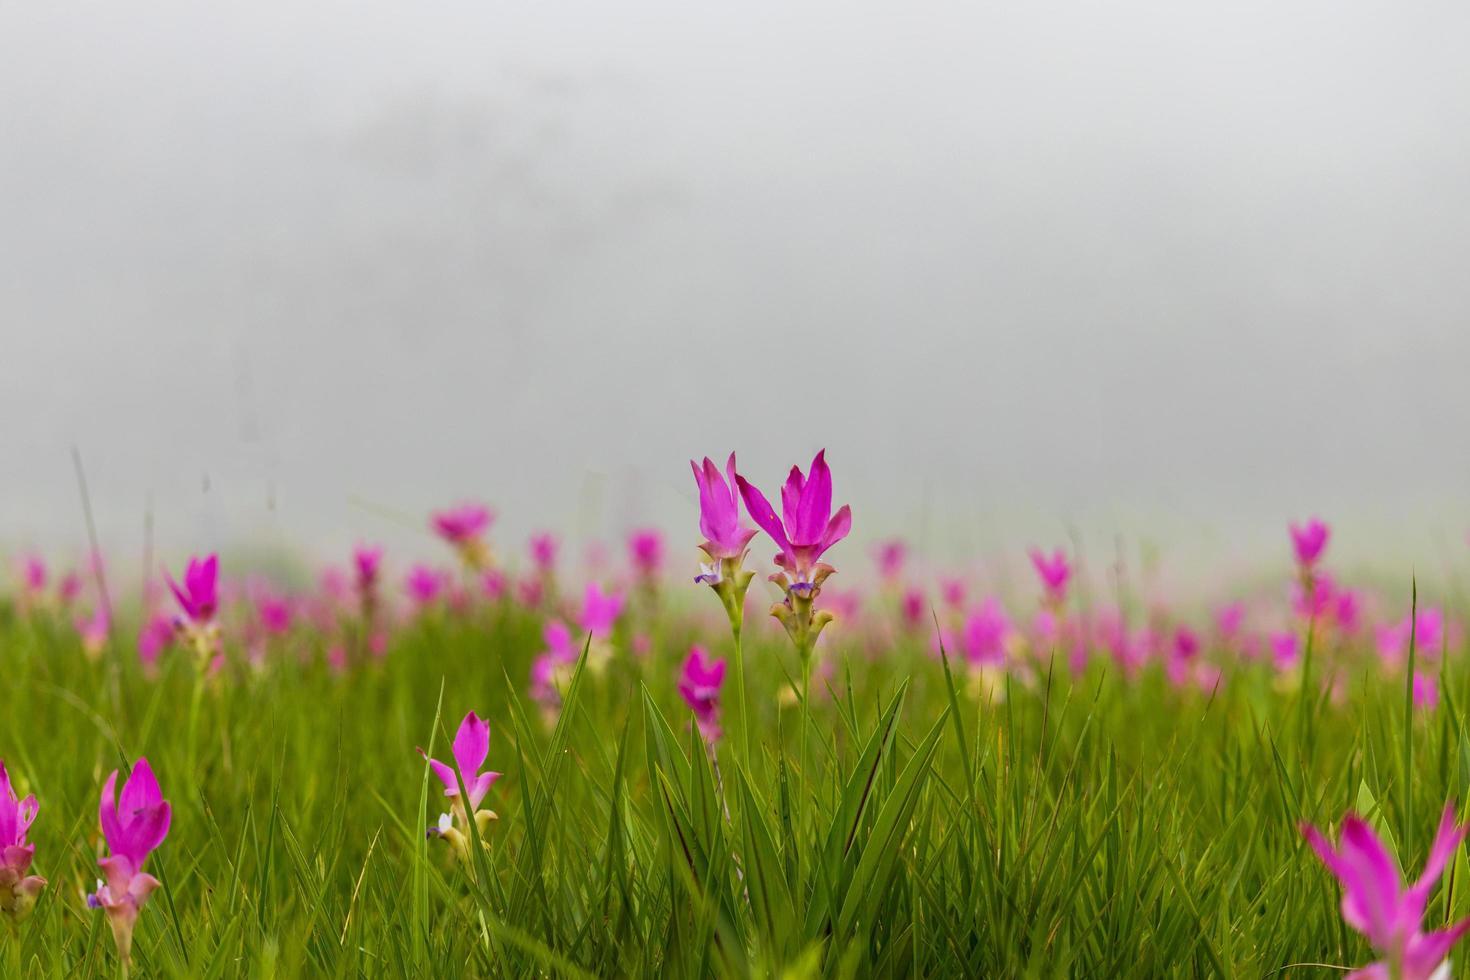 Tulipes Siam rose qui fleurit dans un champ photo